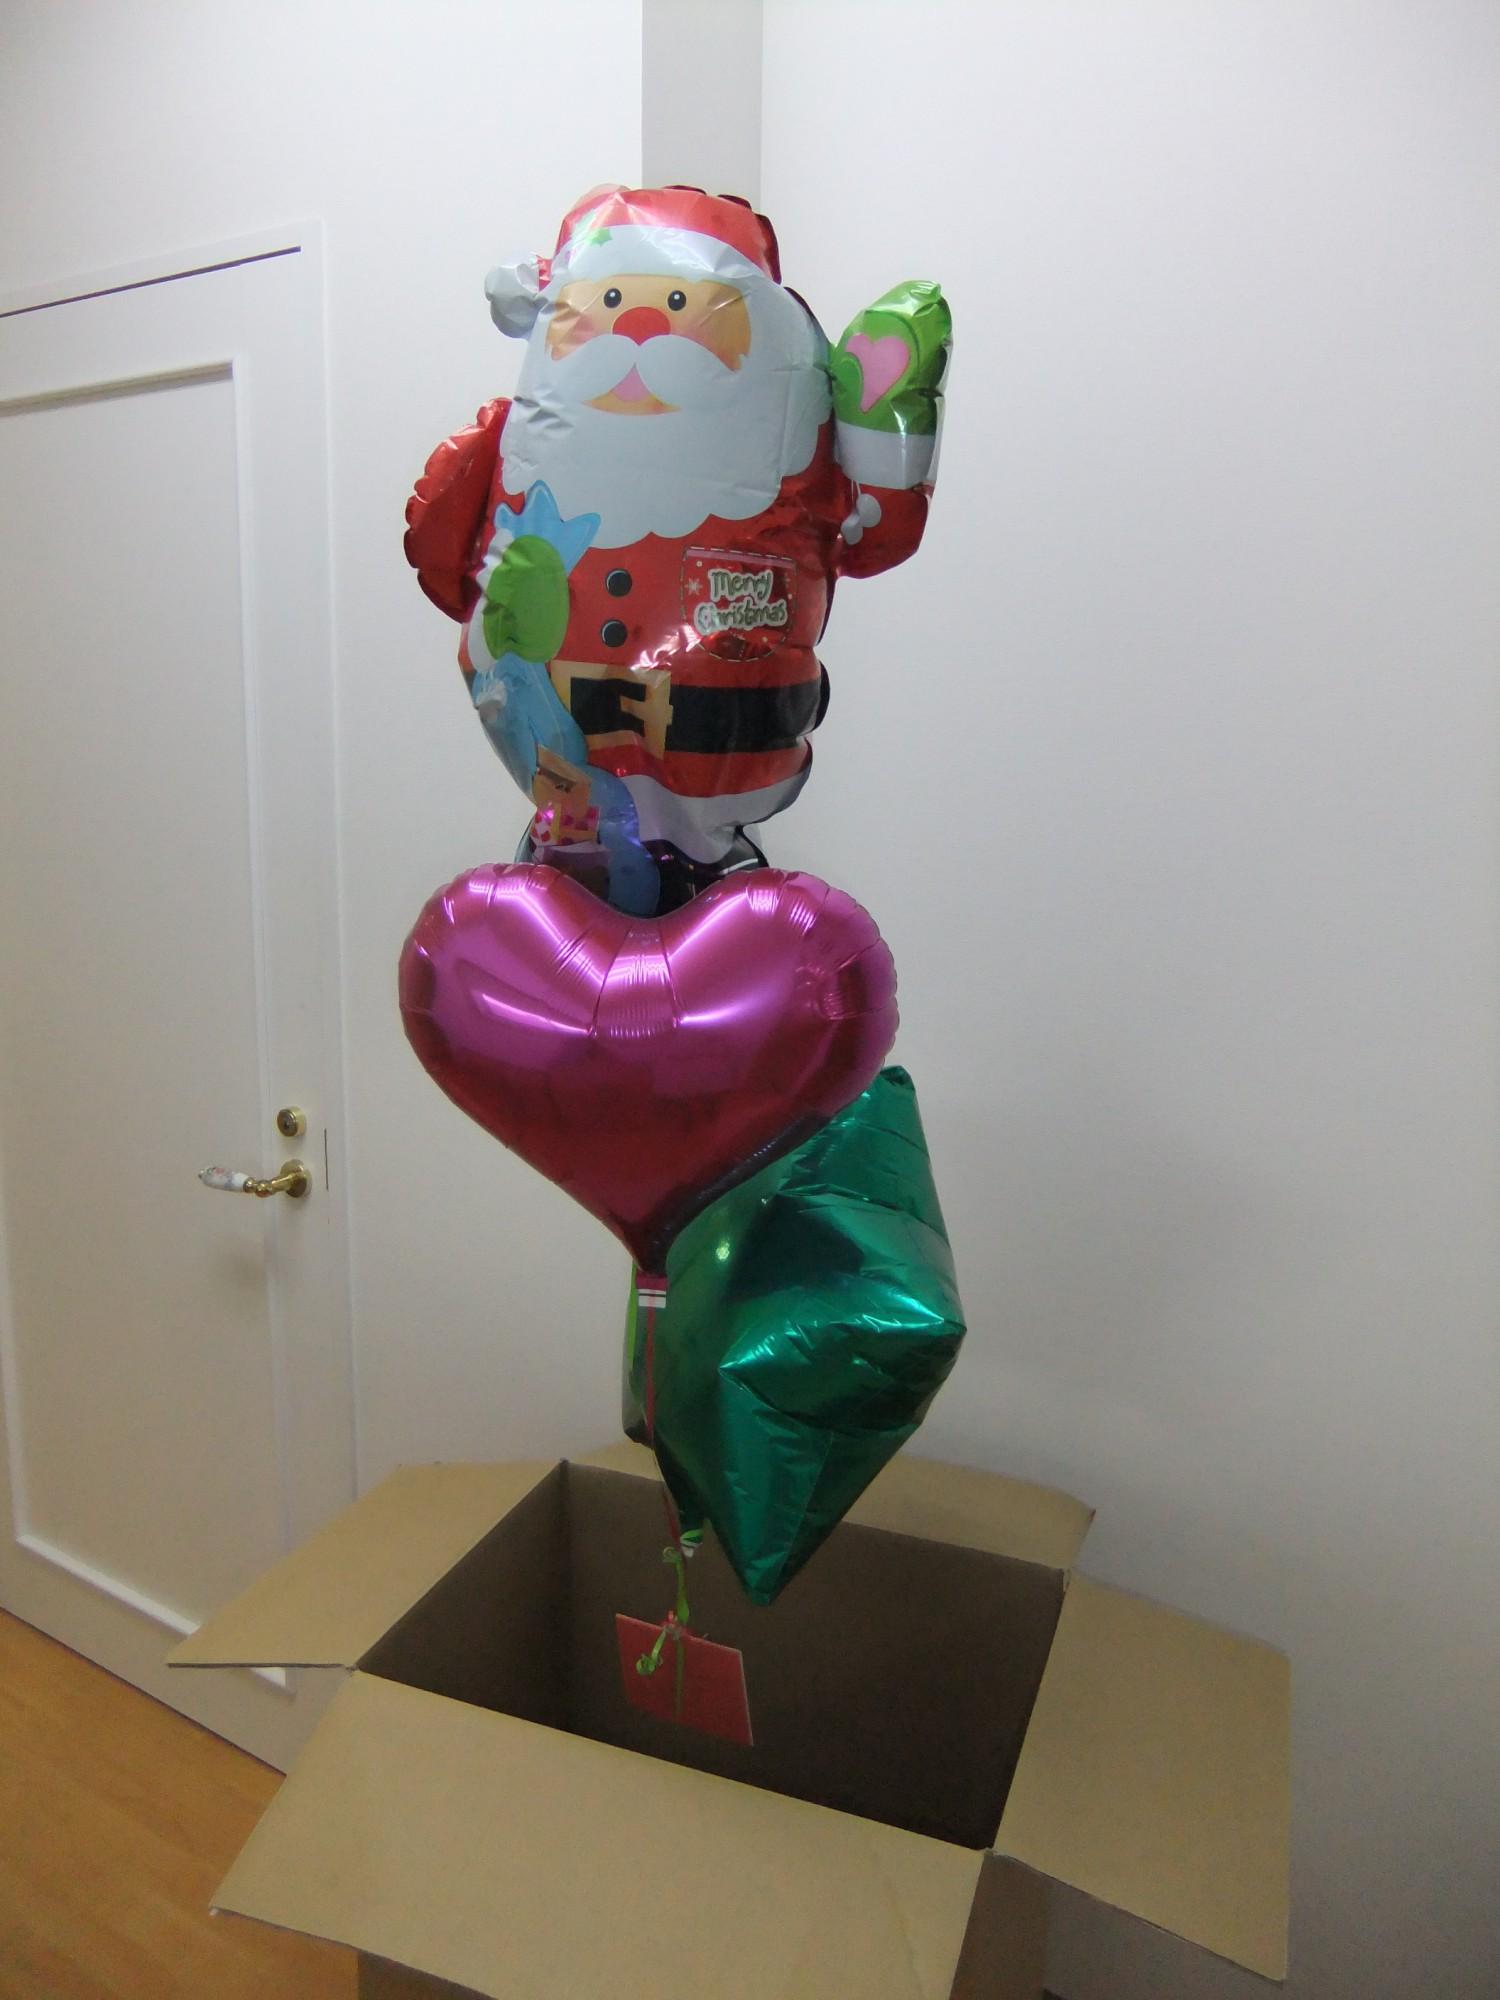 「メリーXmas! 」サンタクロースが大きな箱からポヨっと出てきてごあいさつ♪(箱の大きさ 約75×37×50センチ)